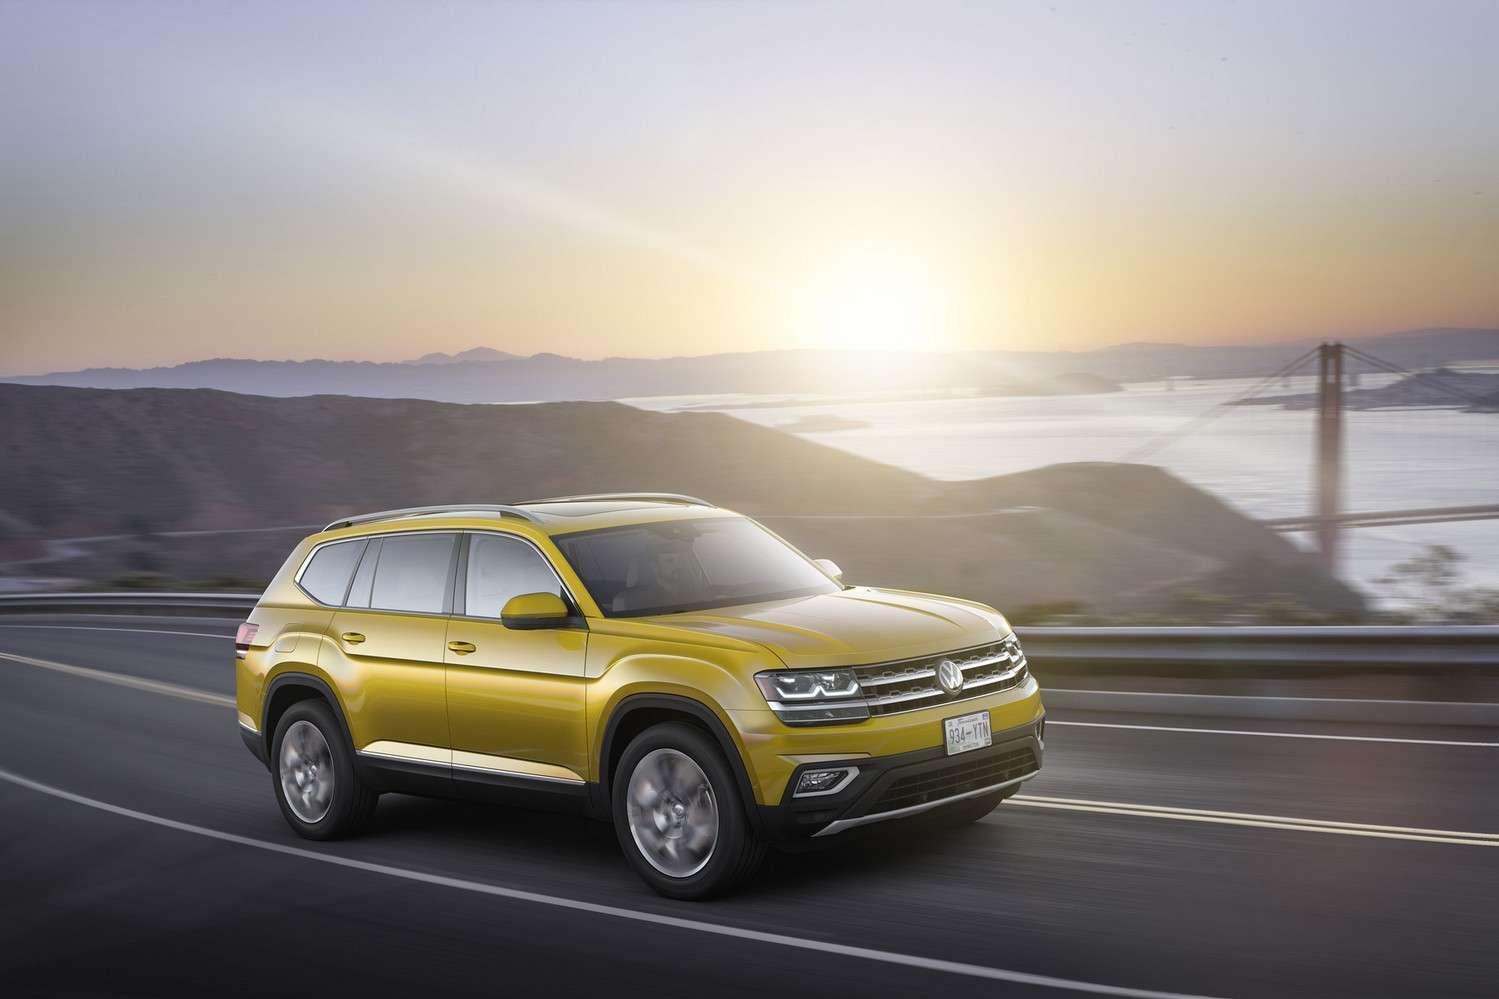 Le Volkswagen Atlas, le gros SUV sept places qui n'est commercialisé qu'aux Etats-Unis .© Volkswagen